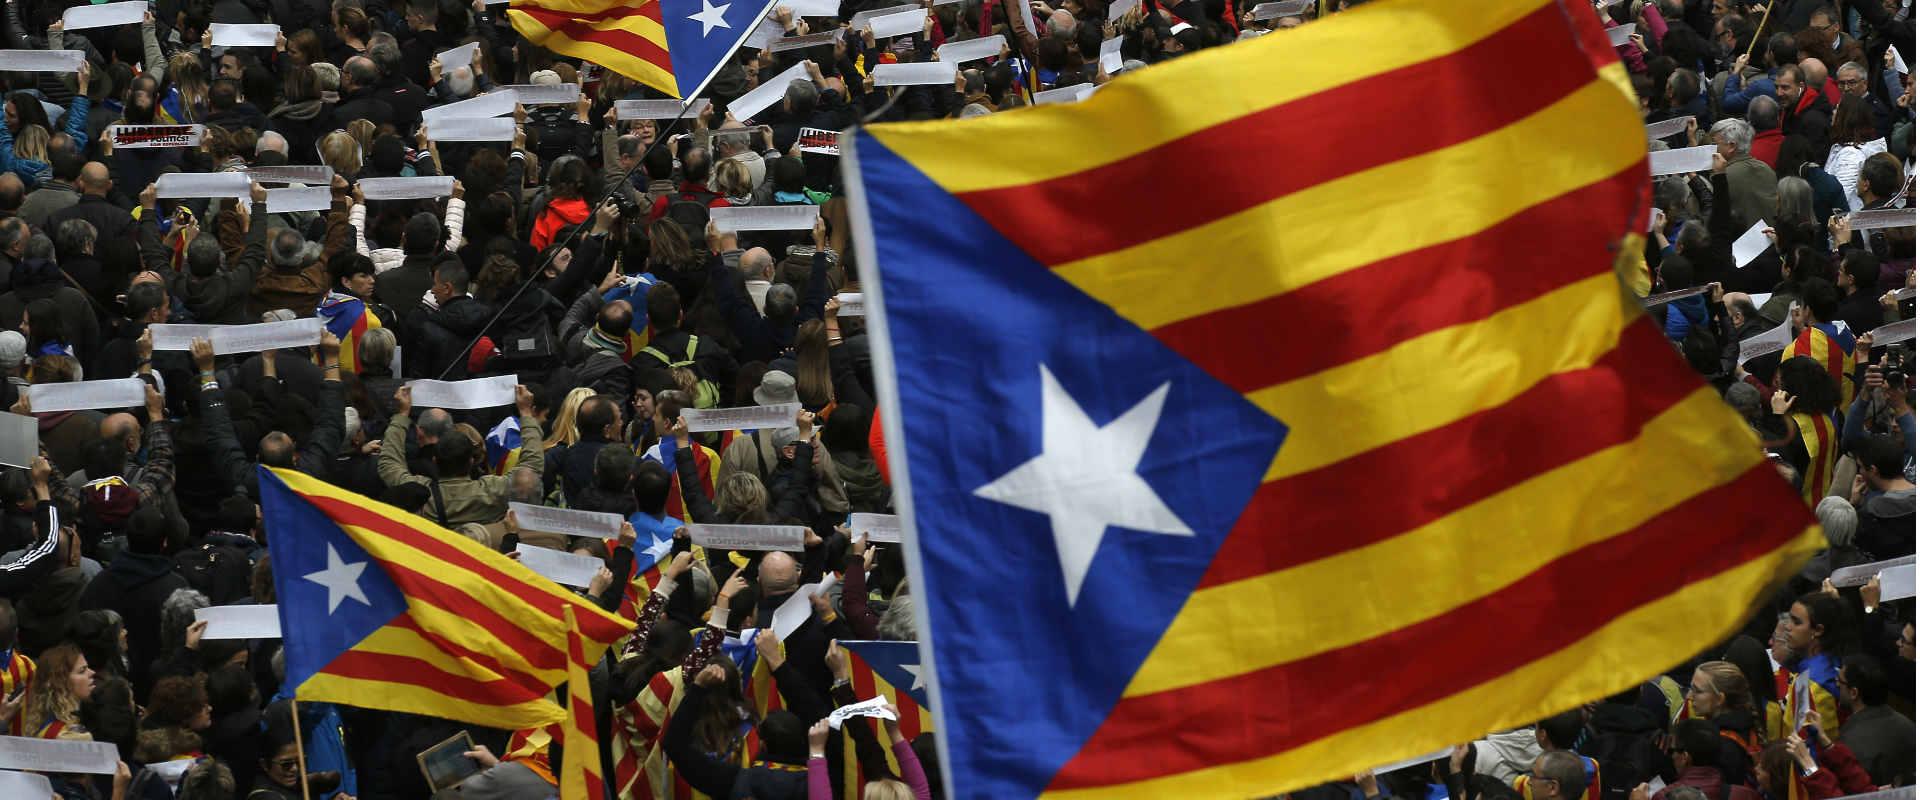 הפגנה למען עצמאות קטלוניה בברצלונה